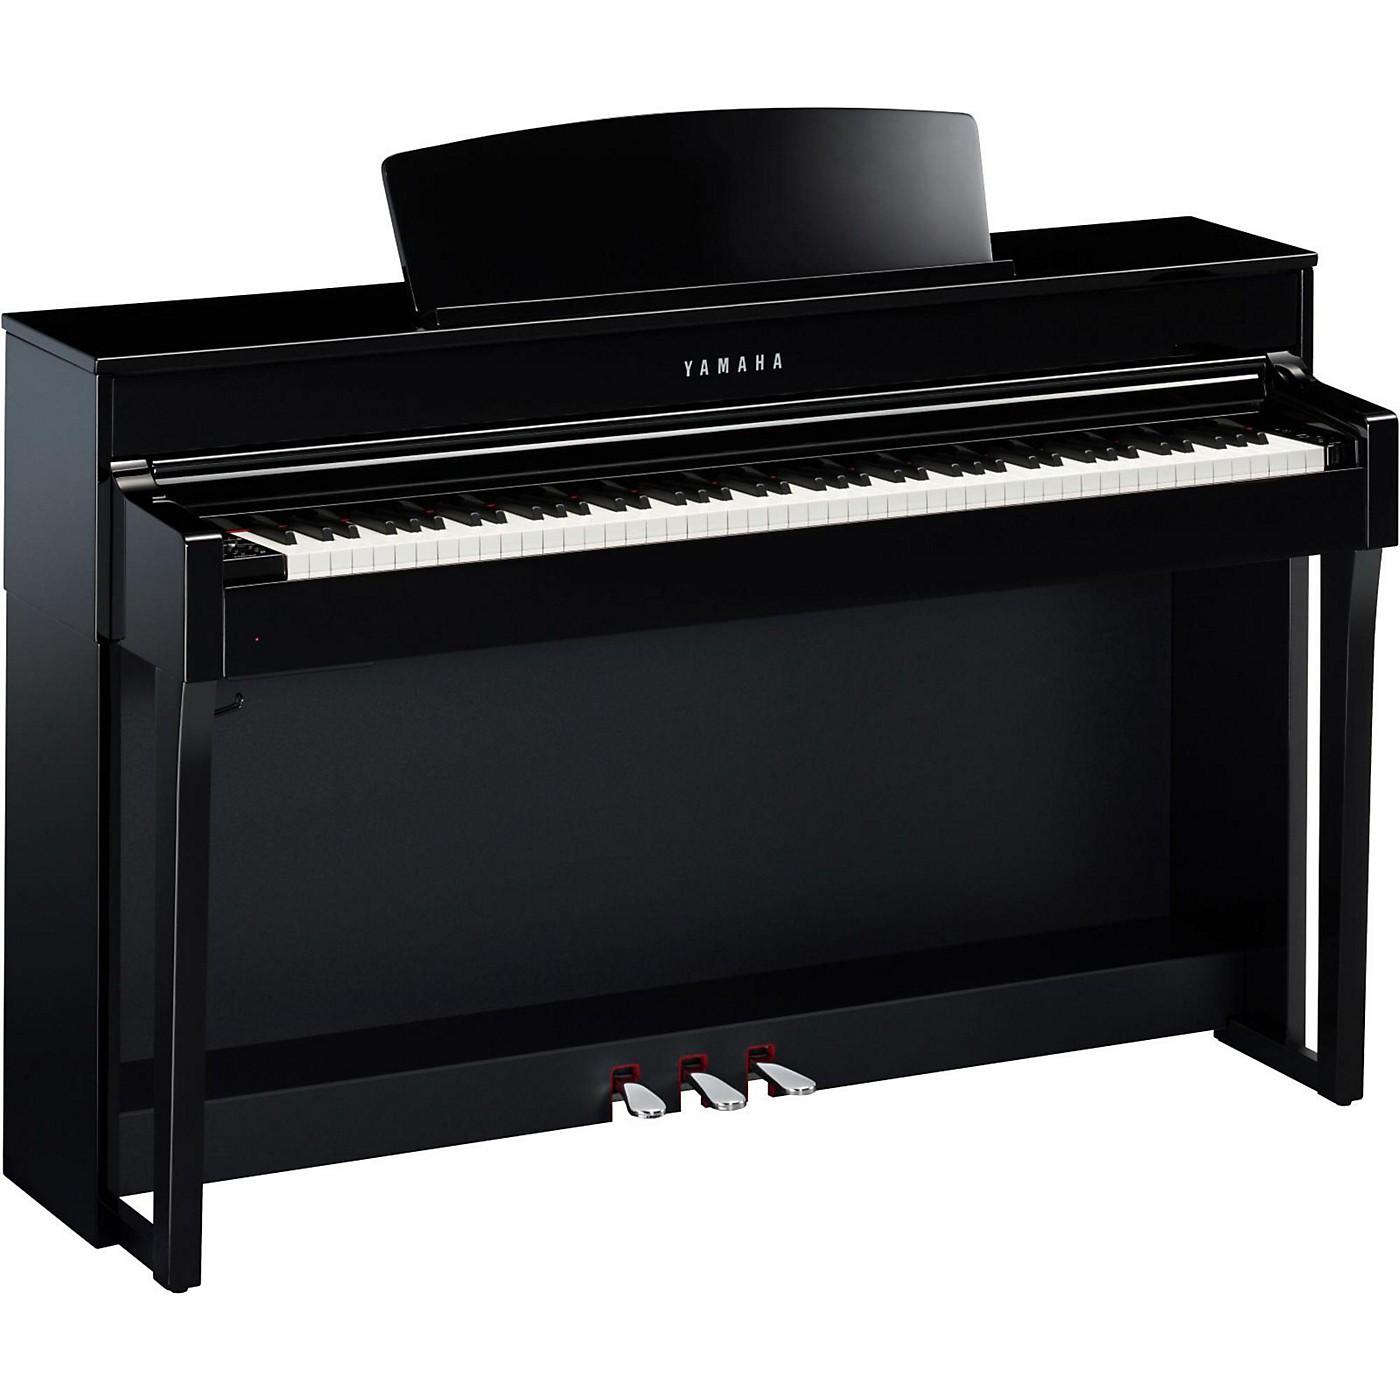 Yamaha Clavinova CLP-645 Console Digital Piano with Bench thumbnail